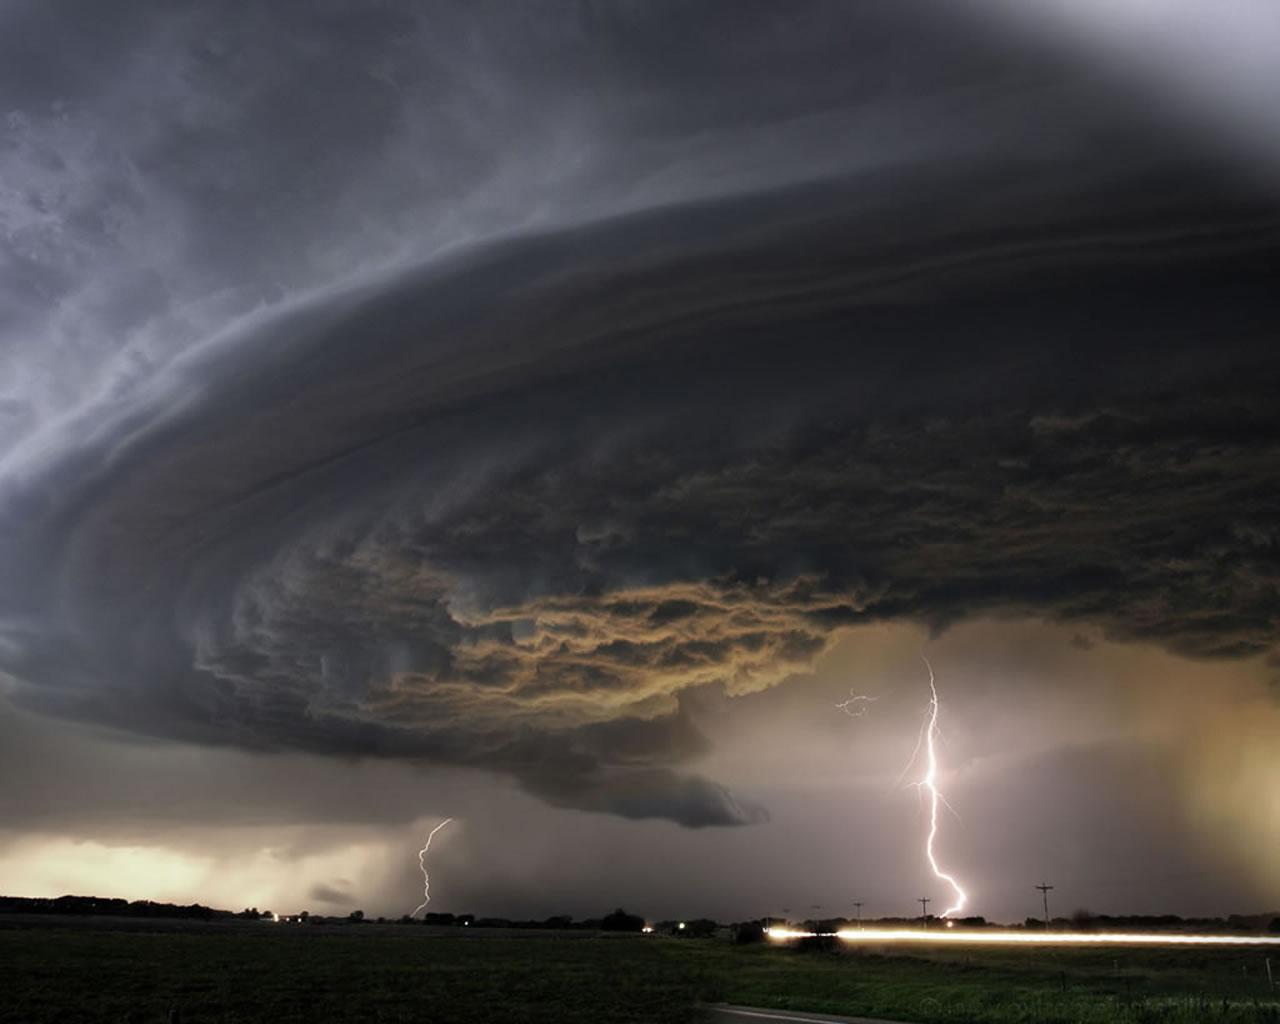 Tornado Supercell 1280x1024 Download Hd Wallpaper Wallpapertip